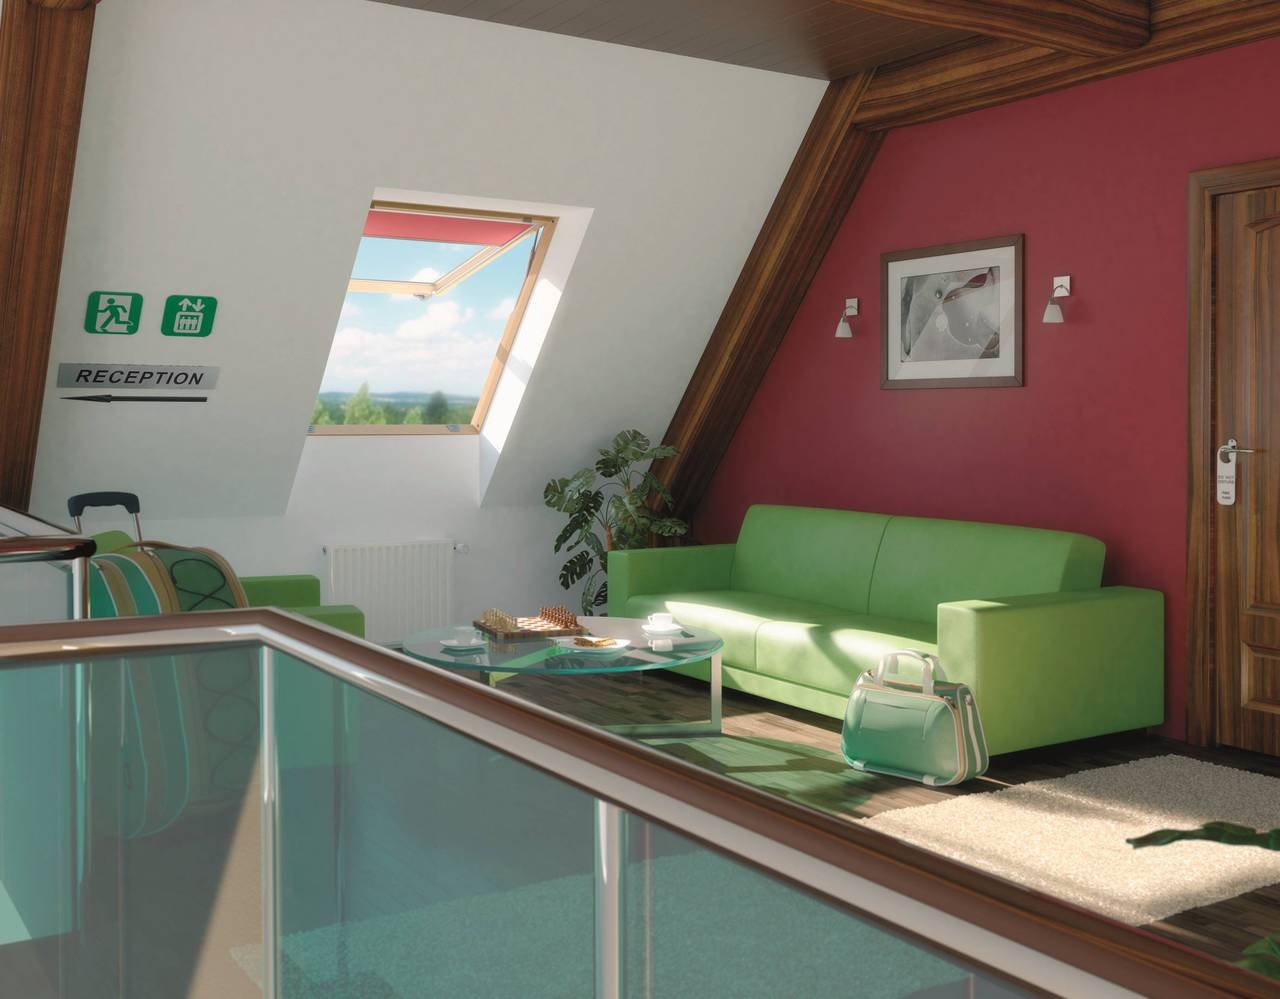 Finestre da tetto fep di fakro - Finestre a tetto ...